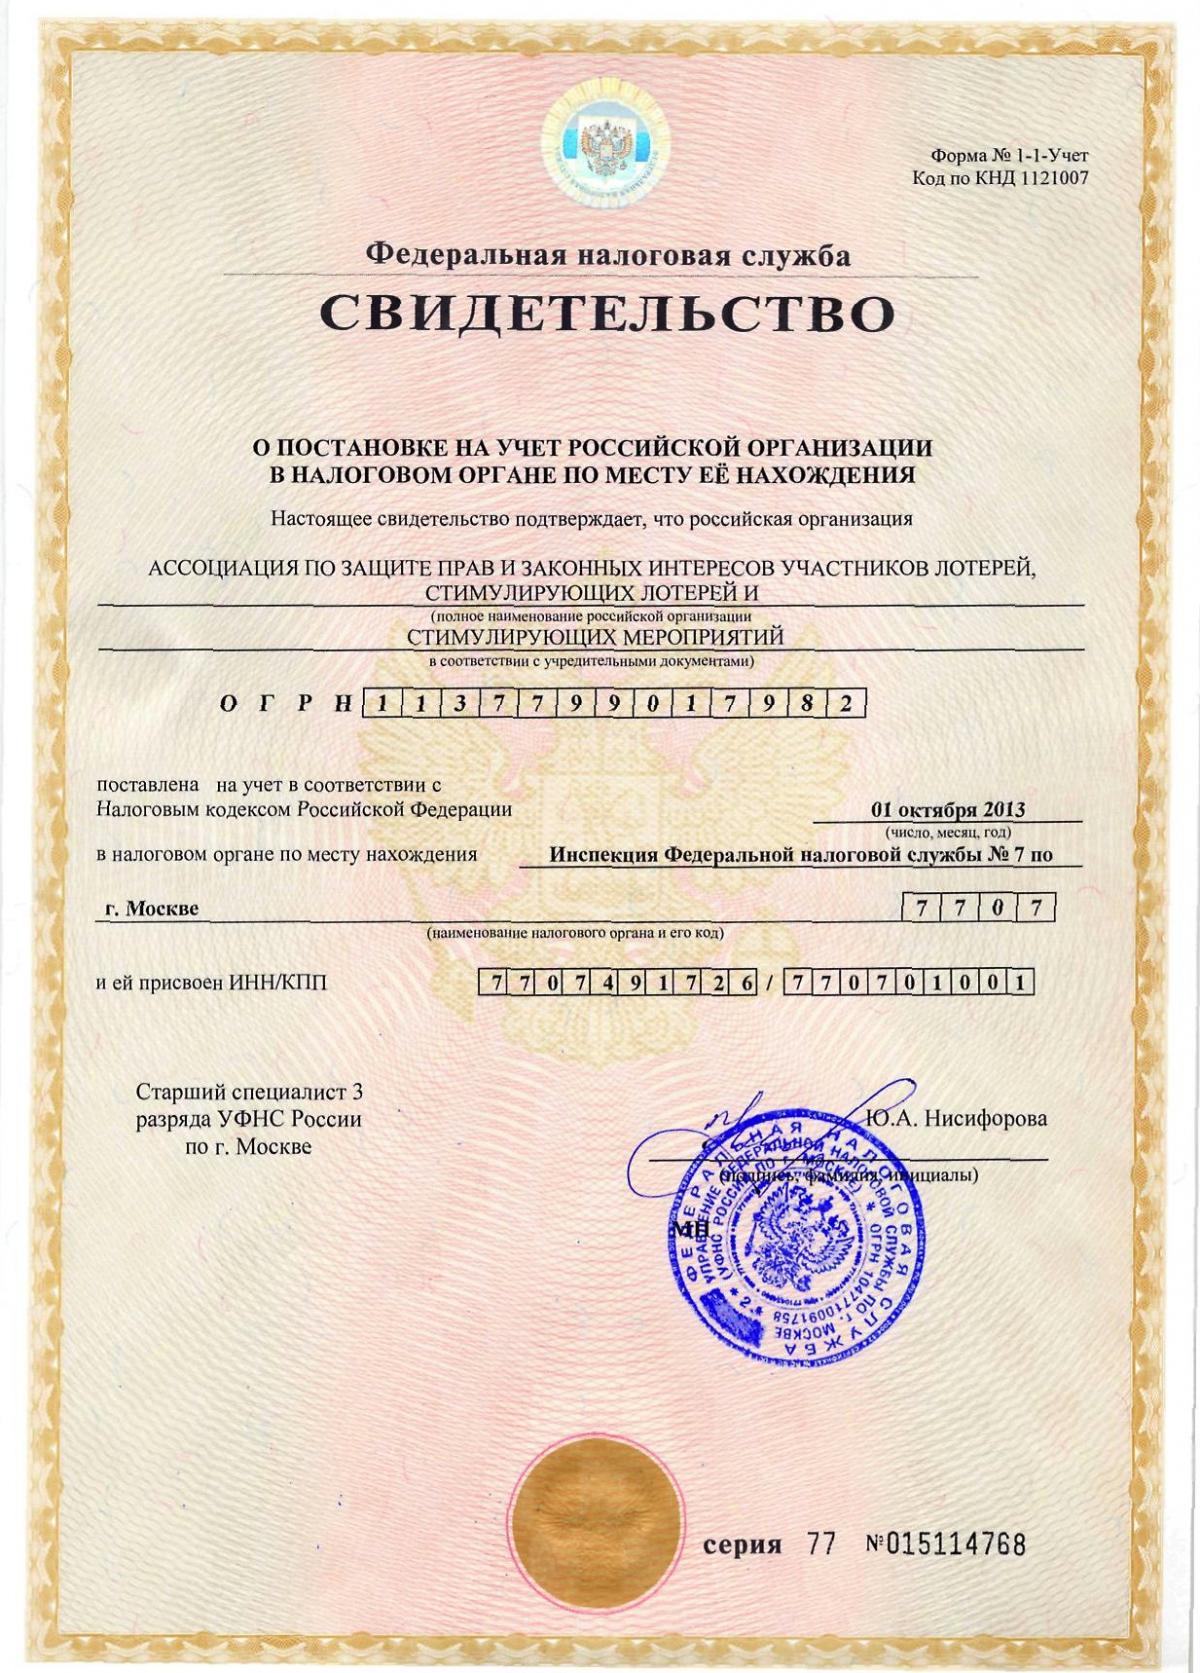 Как получить и узнать ИНН по паспорту для физического лица?